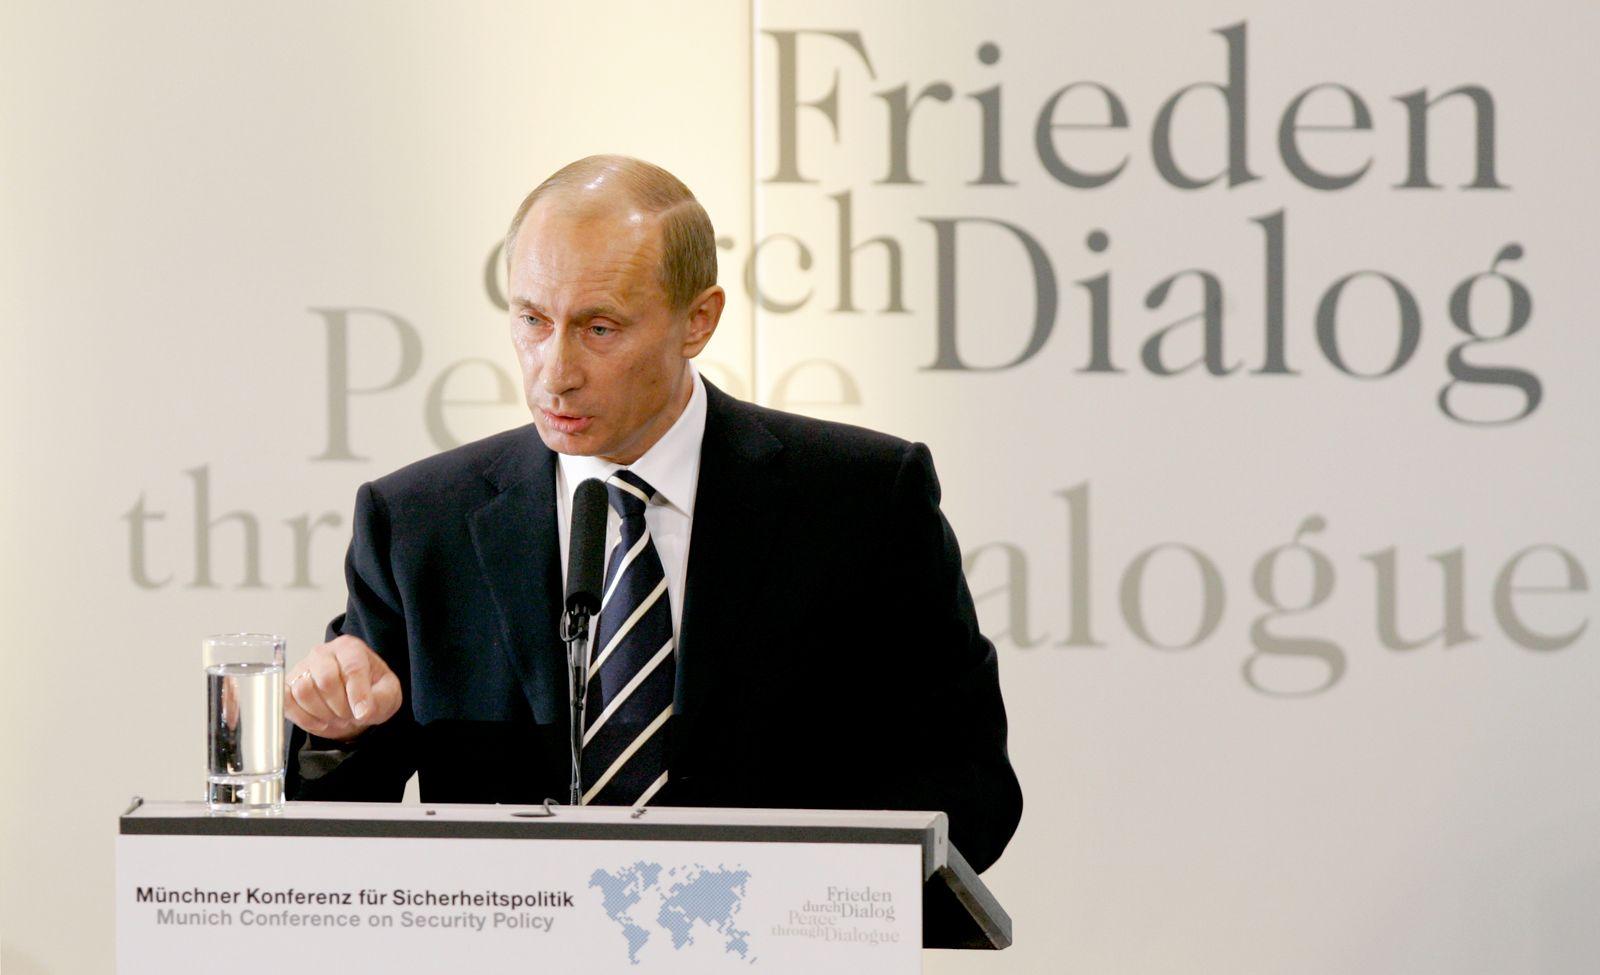 Sicherheitskonferenz 2007 - Wladimir Putin